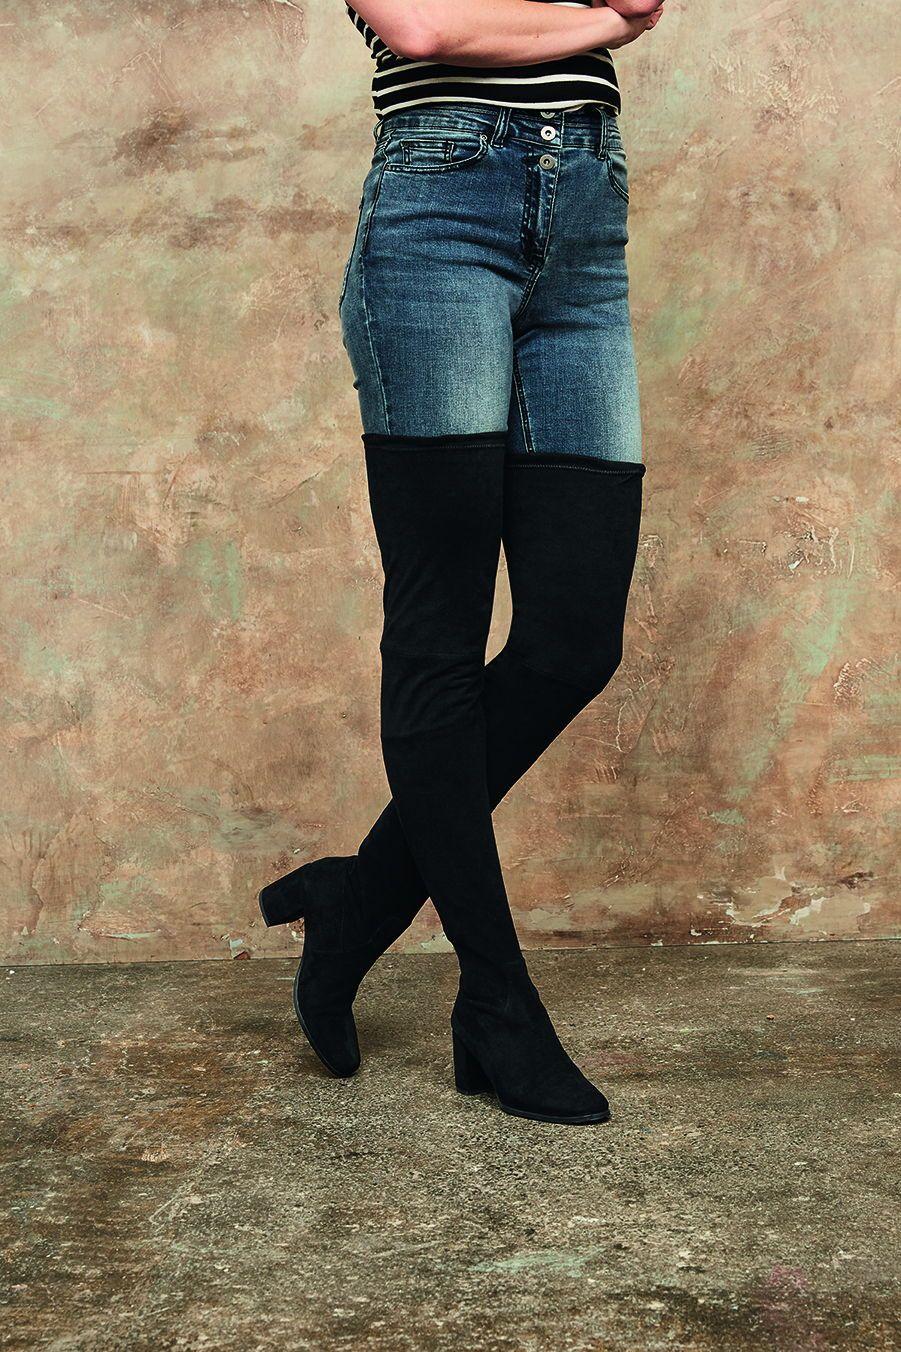 Long Tall Sally Cordelia Otk Sock Boot Over The Knee Sock Boots Long Tall Sally Boots